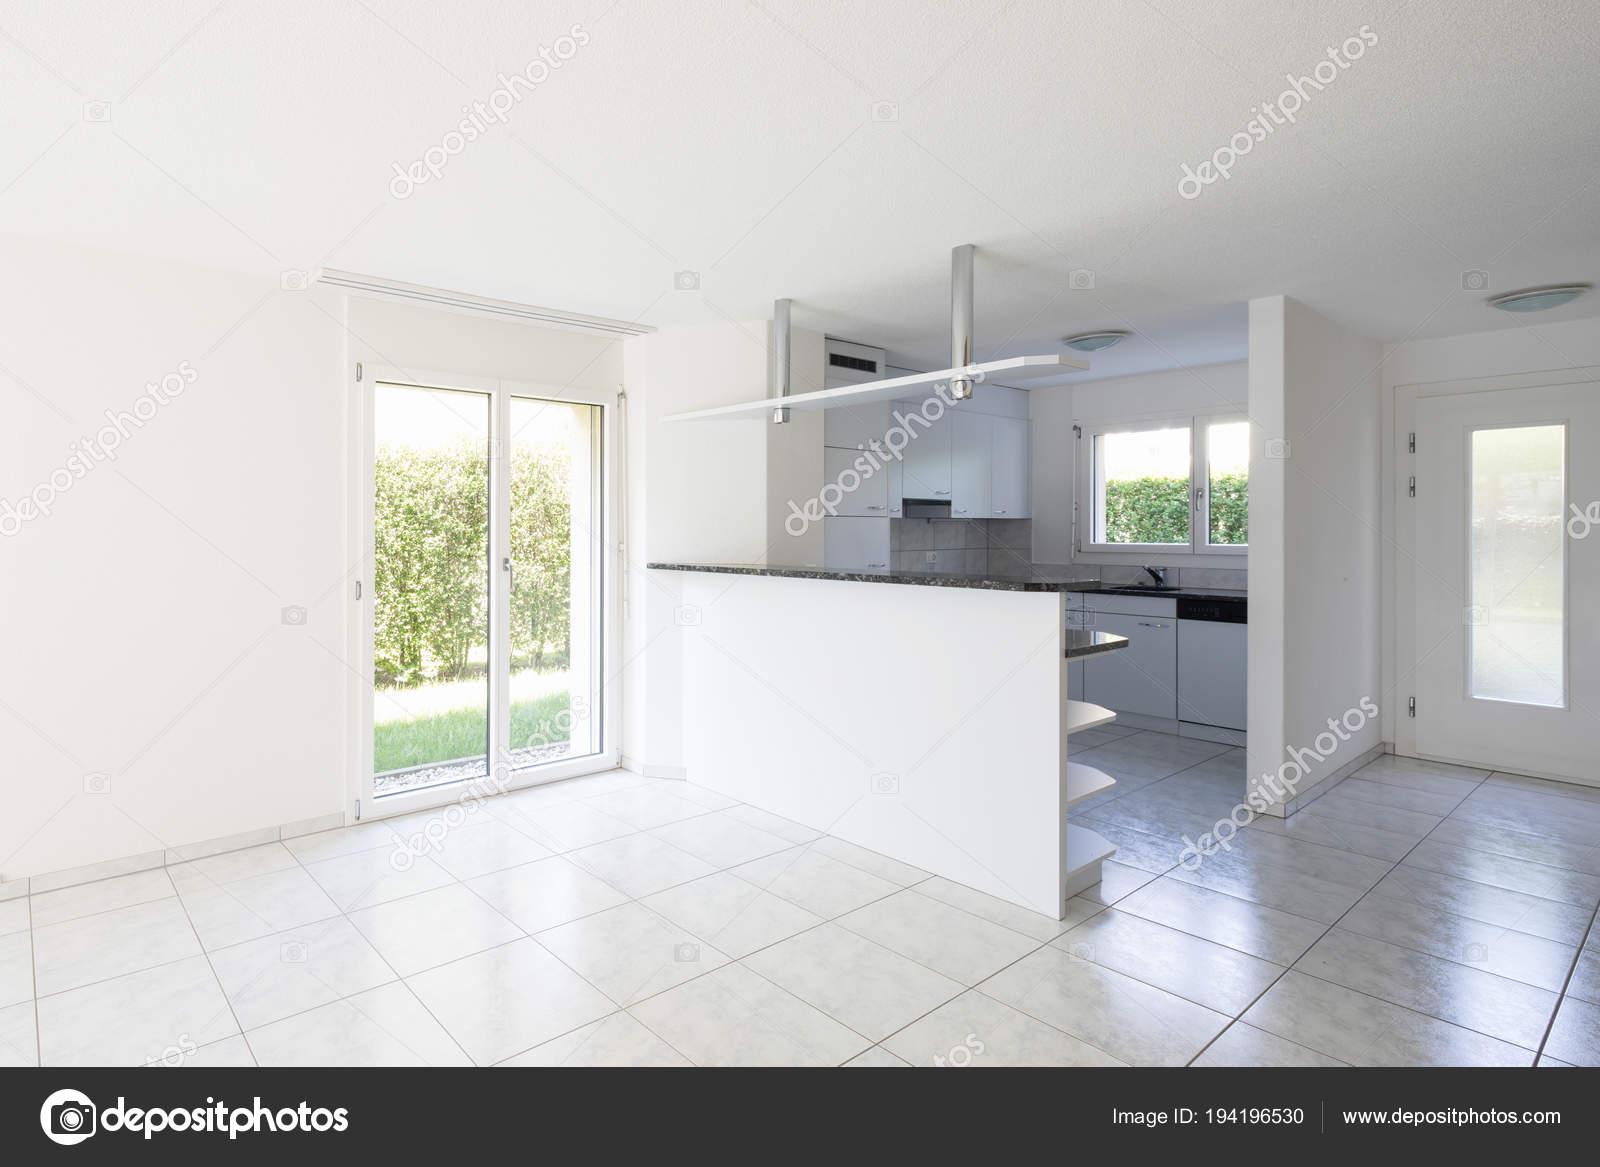 Keuken Grote Open : Open ruimte met grote woonkamer en keuken u2014 stockfoto © zveiger